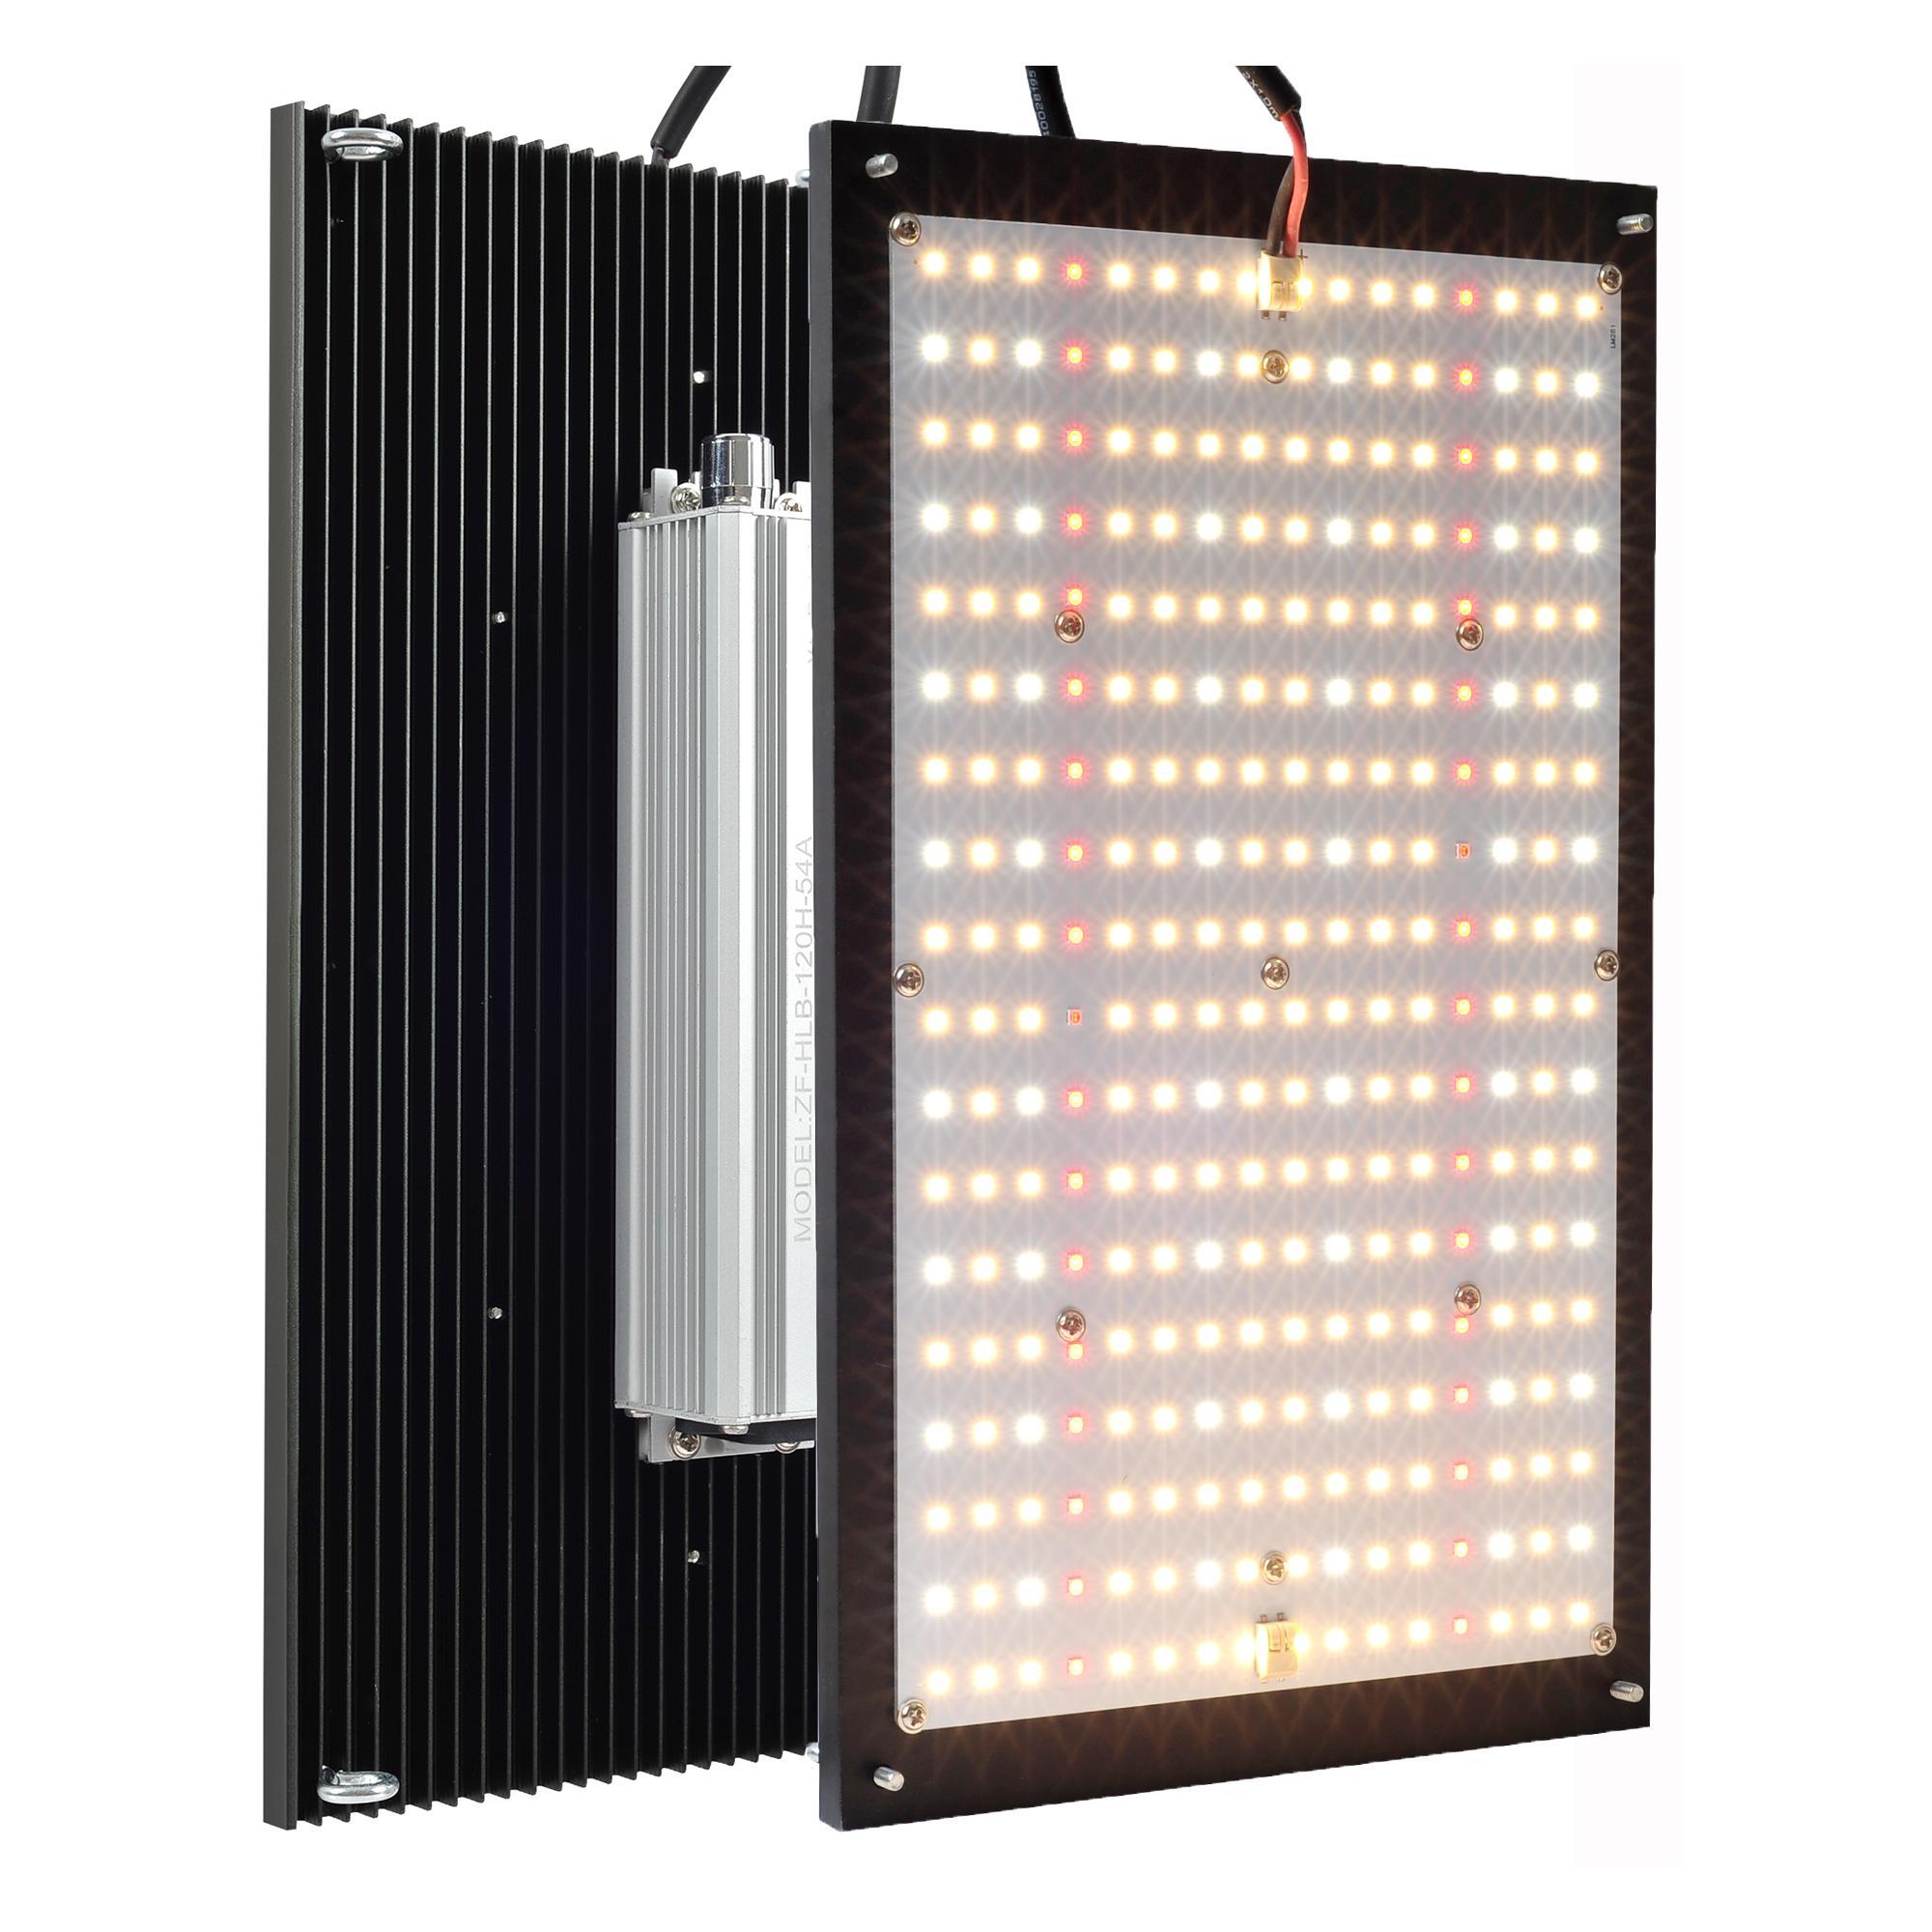 120W LED تنمو الضوء 2x2ft تغطية متوافقة مع سامسونج LM281B + الثنائيات عكس الضوء التجارية 1000 واط الطيف الكامل أدى المصابيح المتنامية للنباتات الداخلية